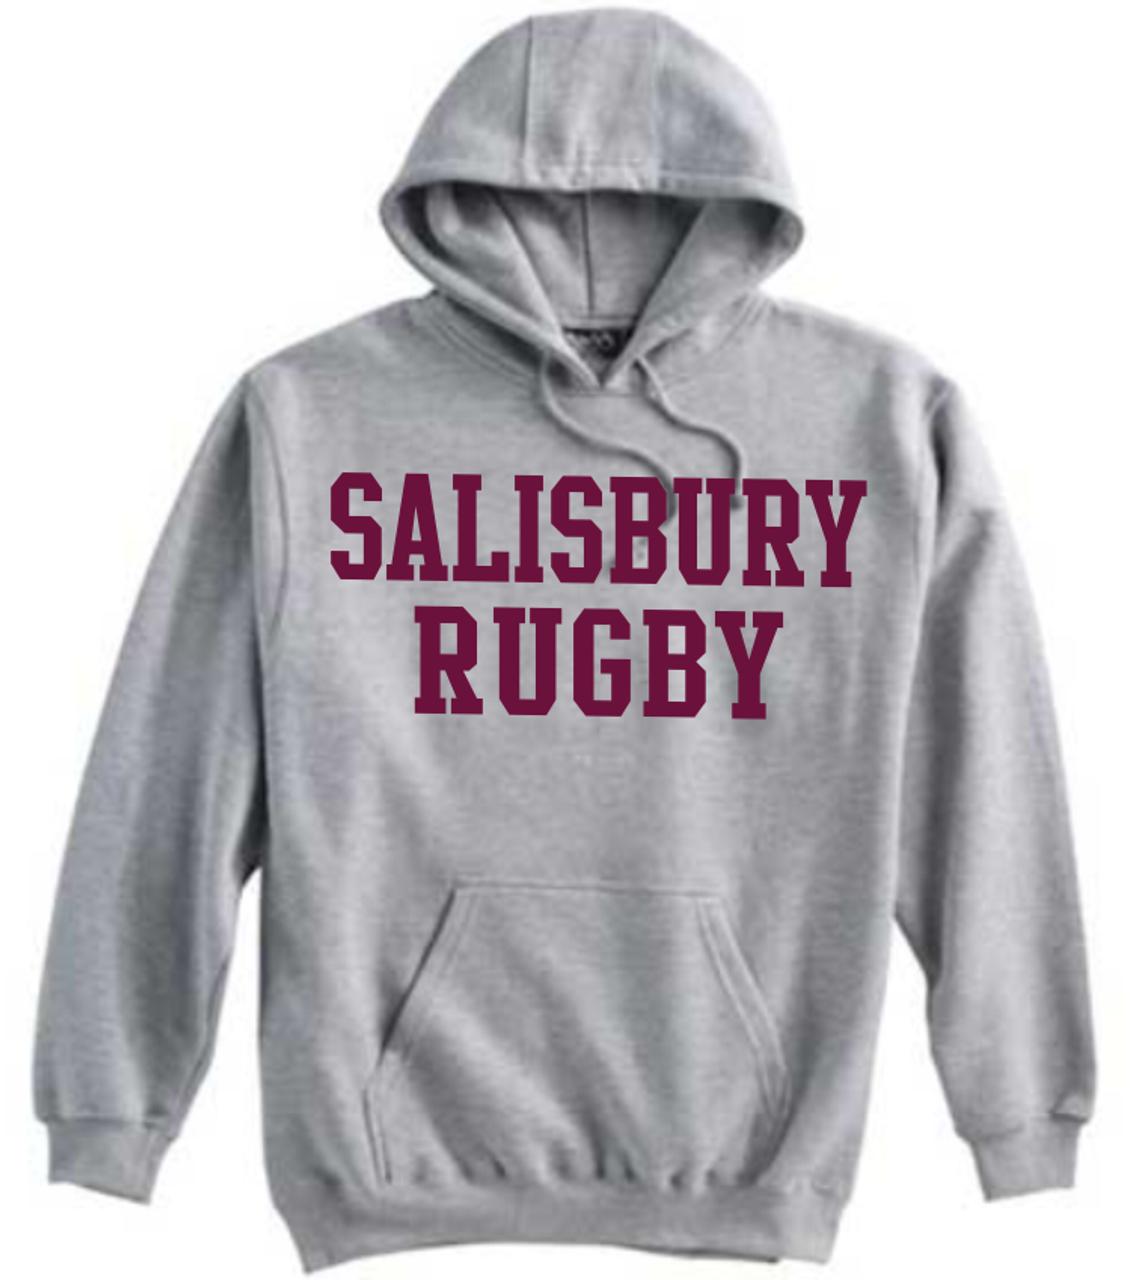 Salisbury Rugby Hoodie, Gray